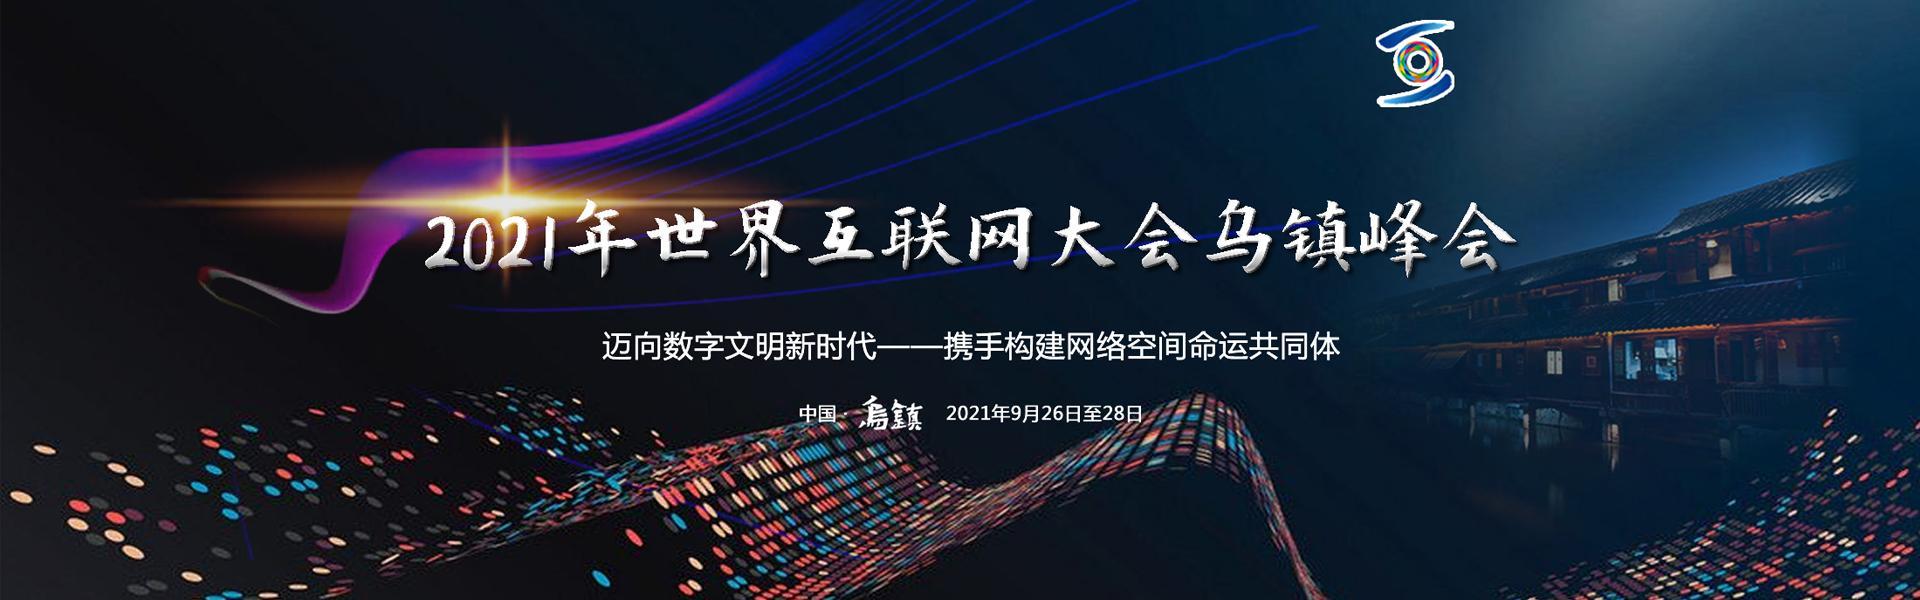 2021年互联网大会乌镇峰会